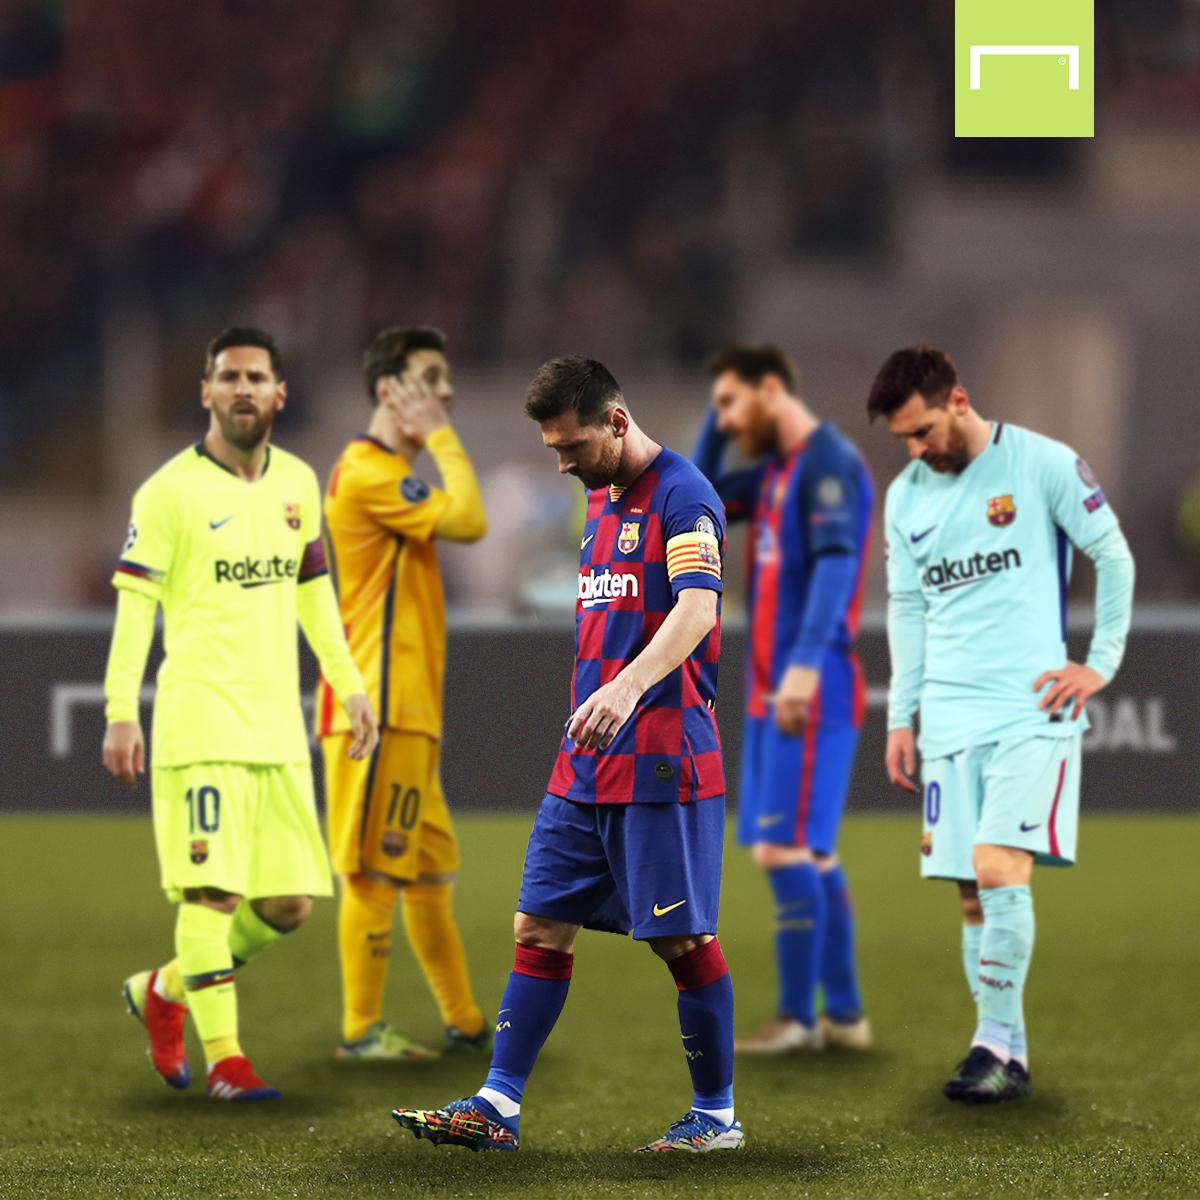 Những con số đáng buồn hằn sâu vào lịch sử Barca sau thảm bại 2-8 - Ảnh 6.